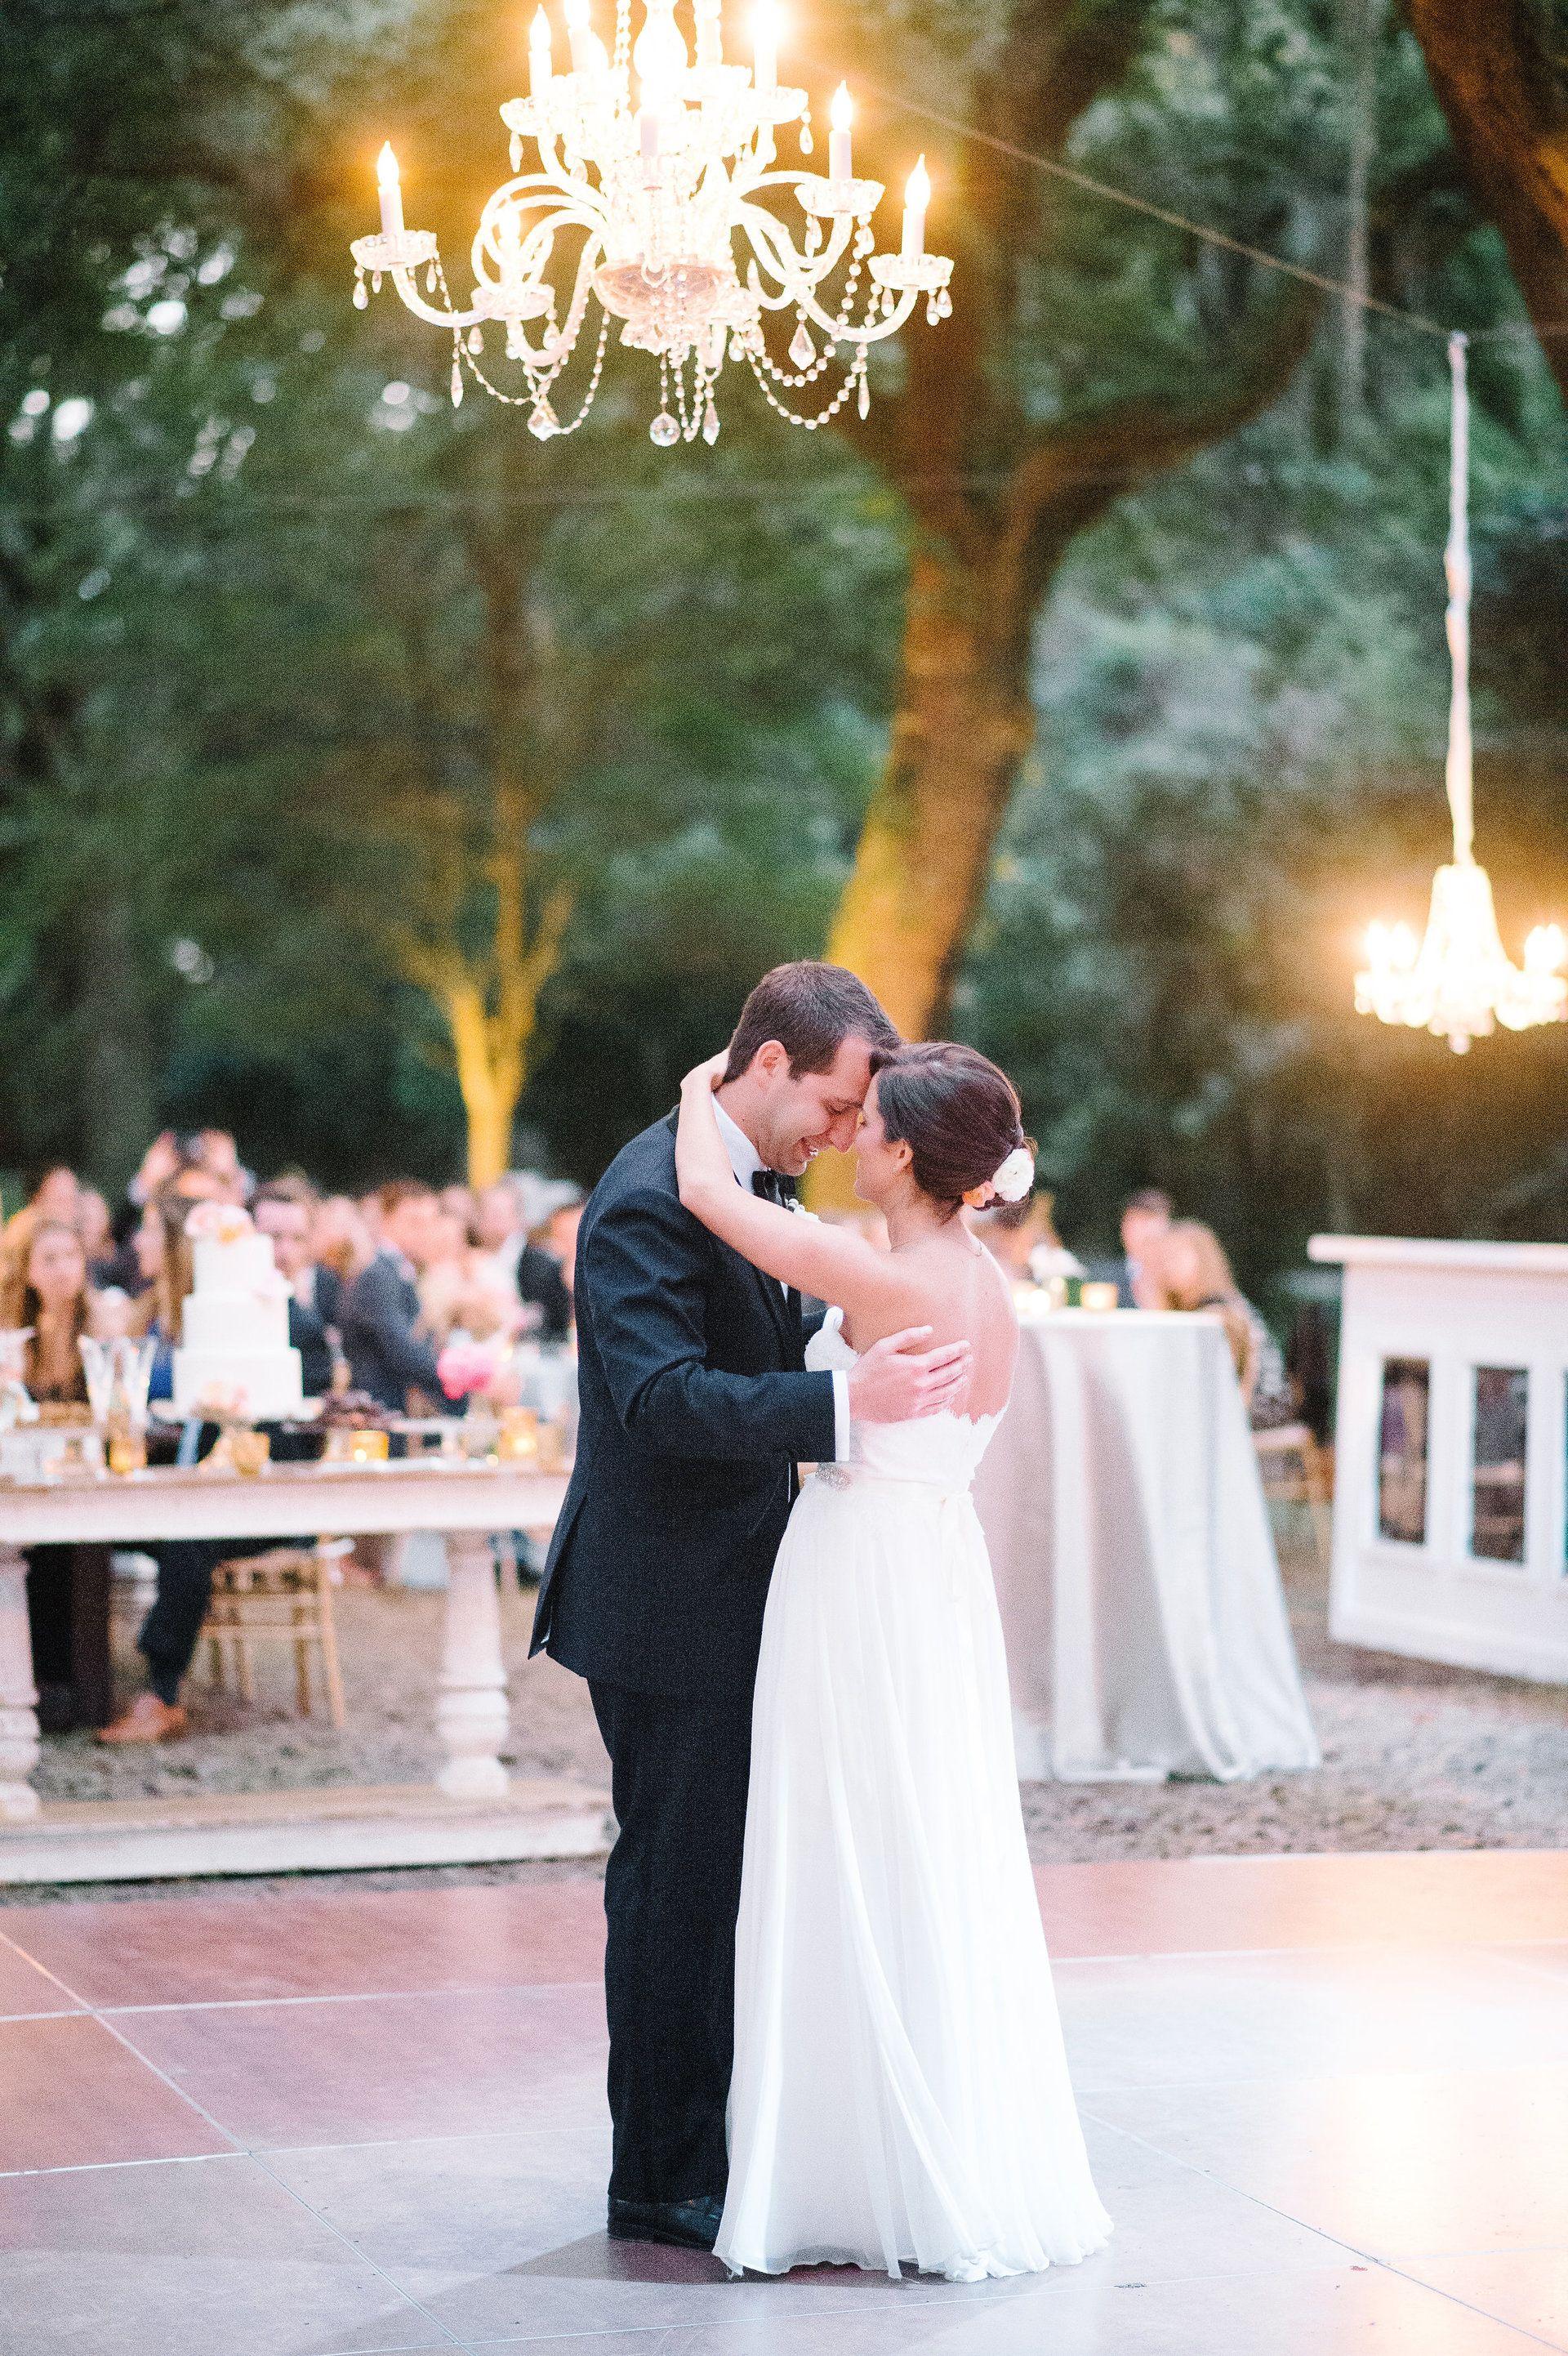 Romantic wedding reception lighting, crystal chandeliers, outdoor dance floor // Aaron and Jillian Photography